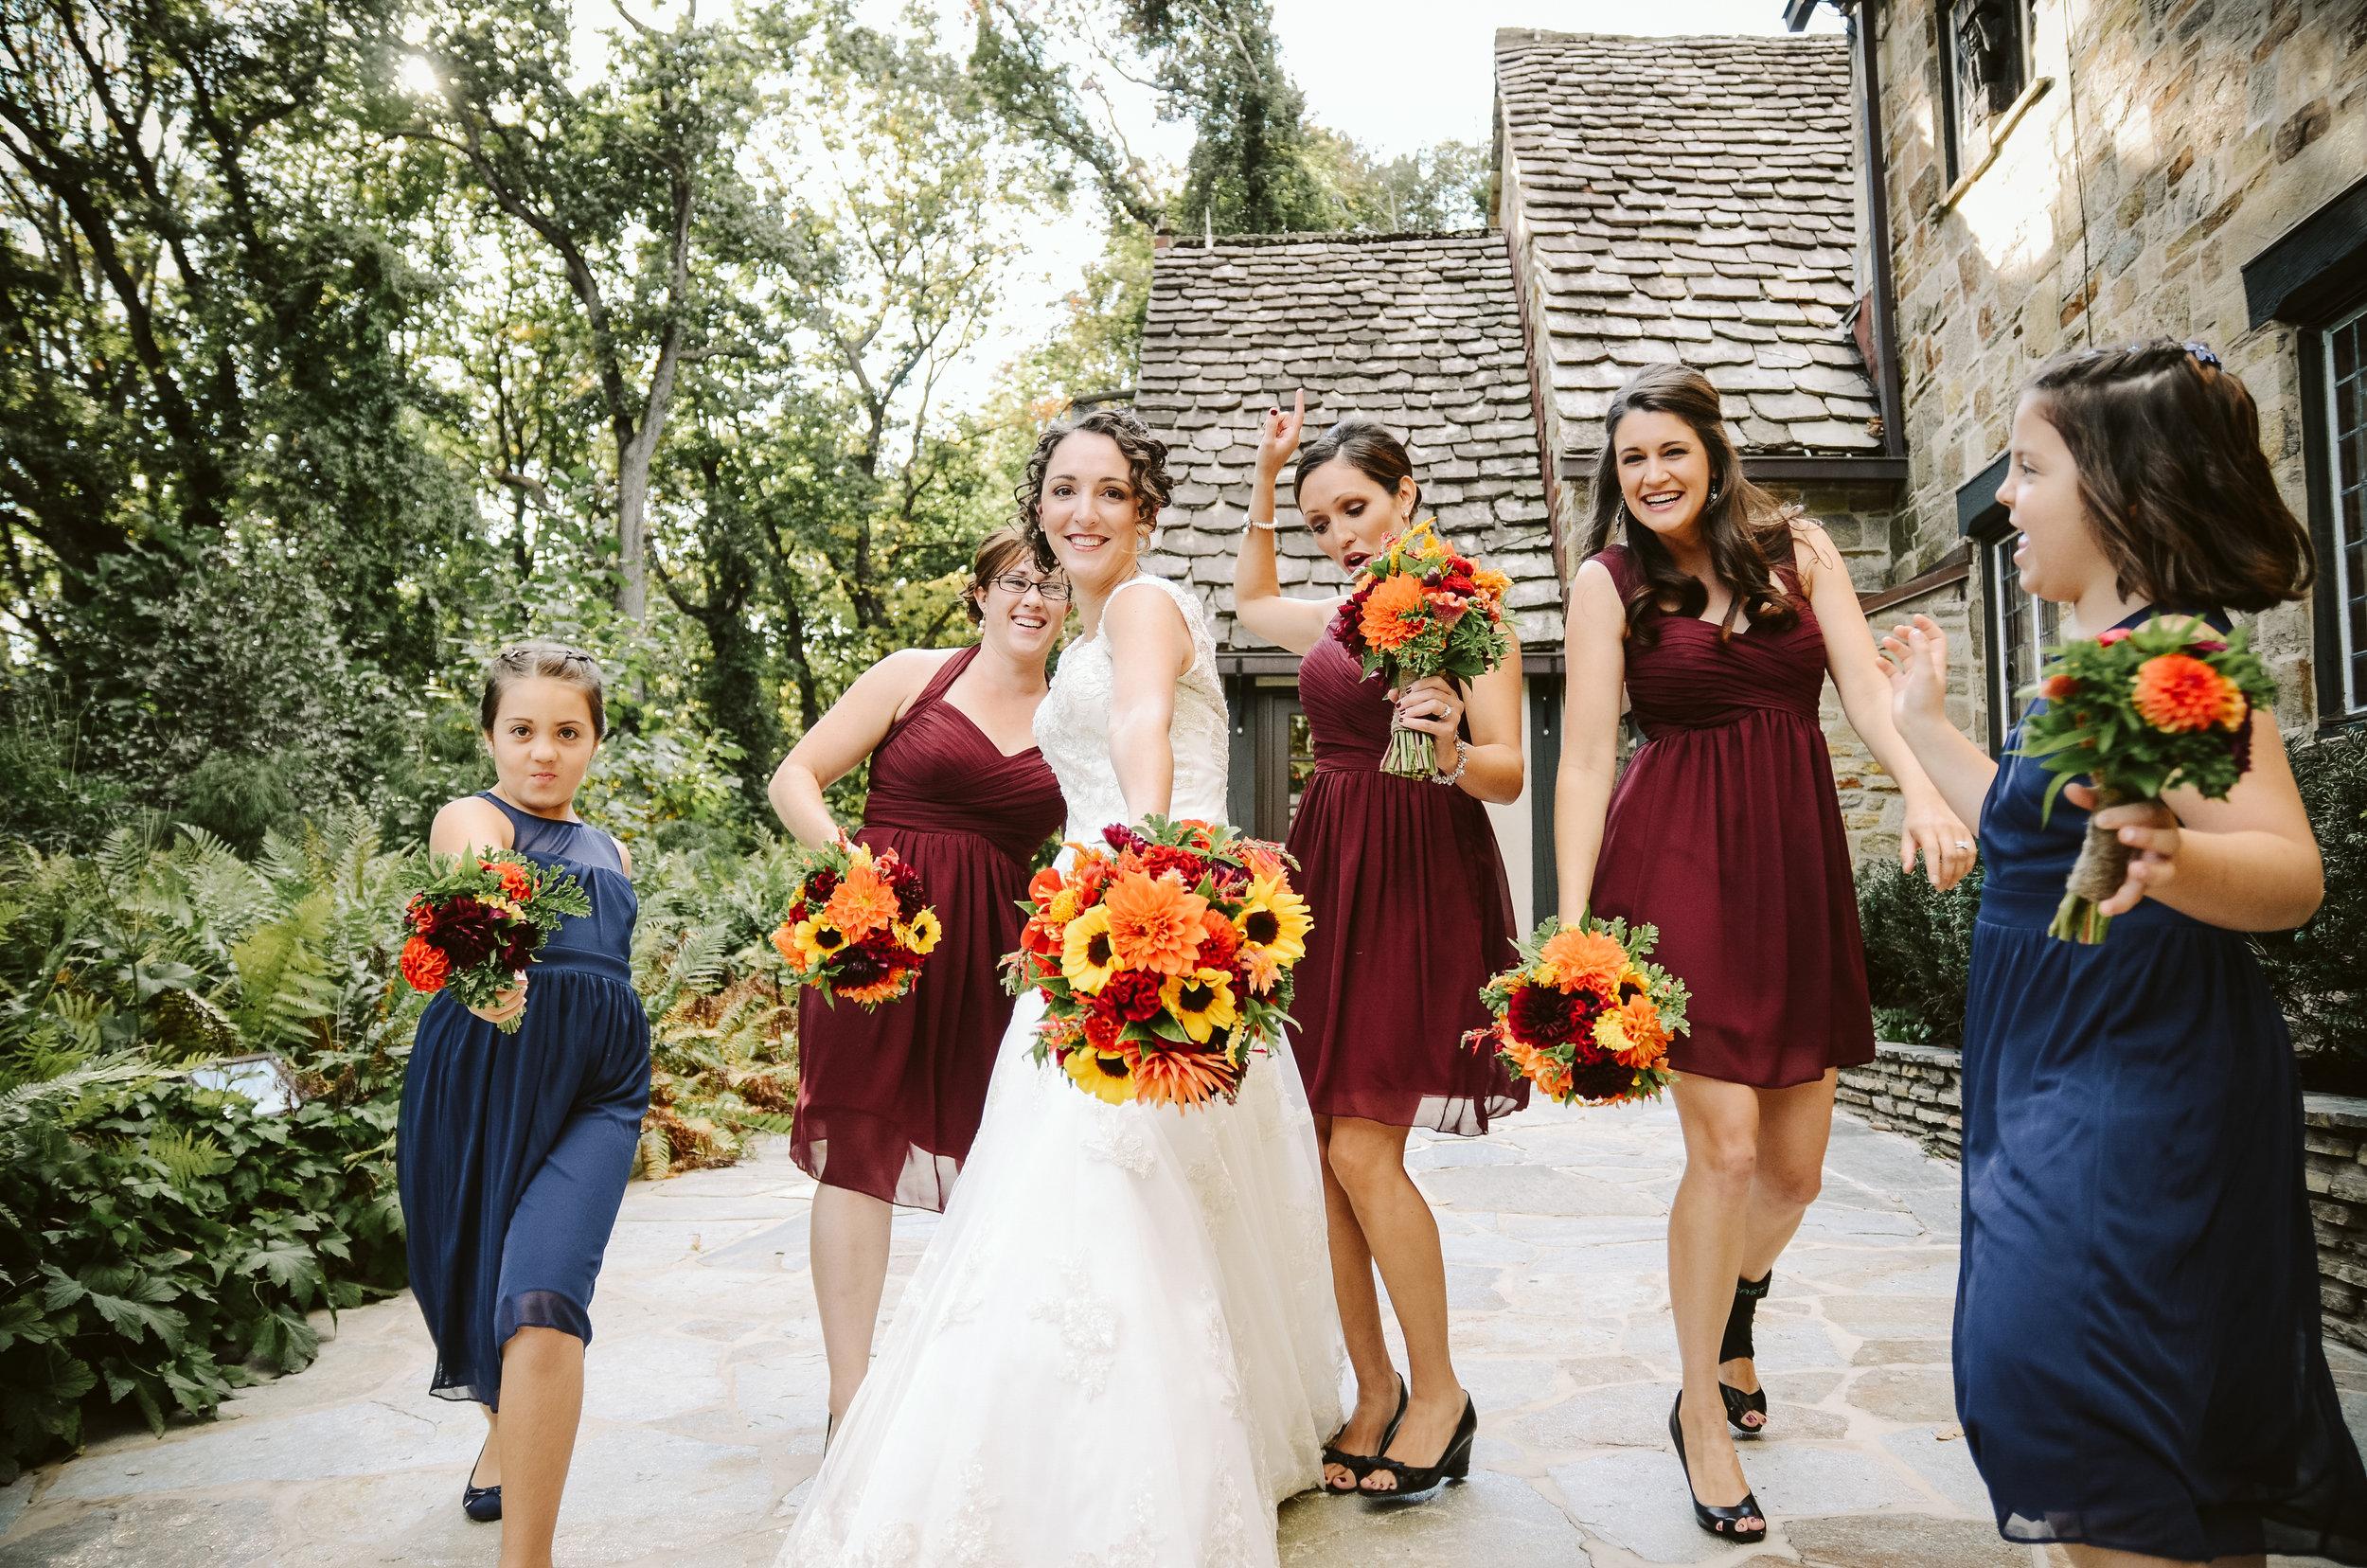 adrienne and greg's wedding 2018 edits-21.jpg